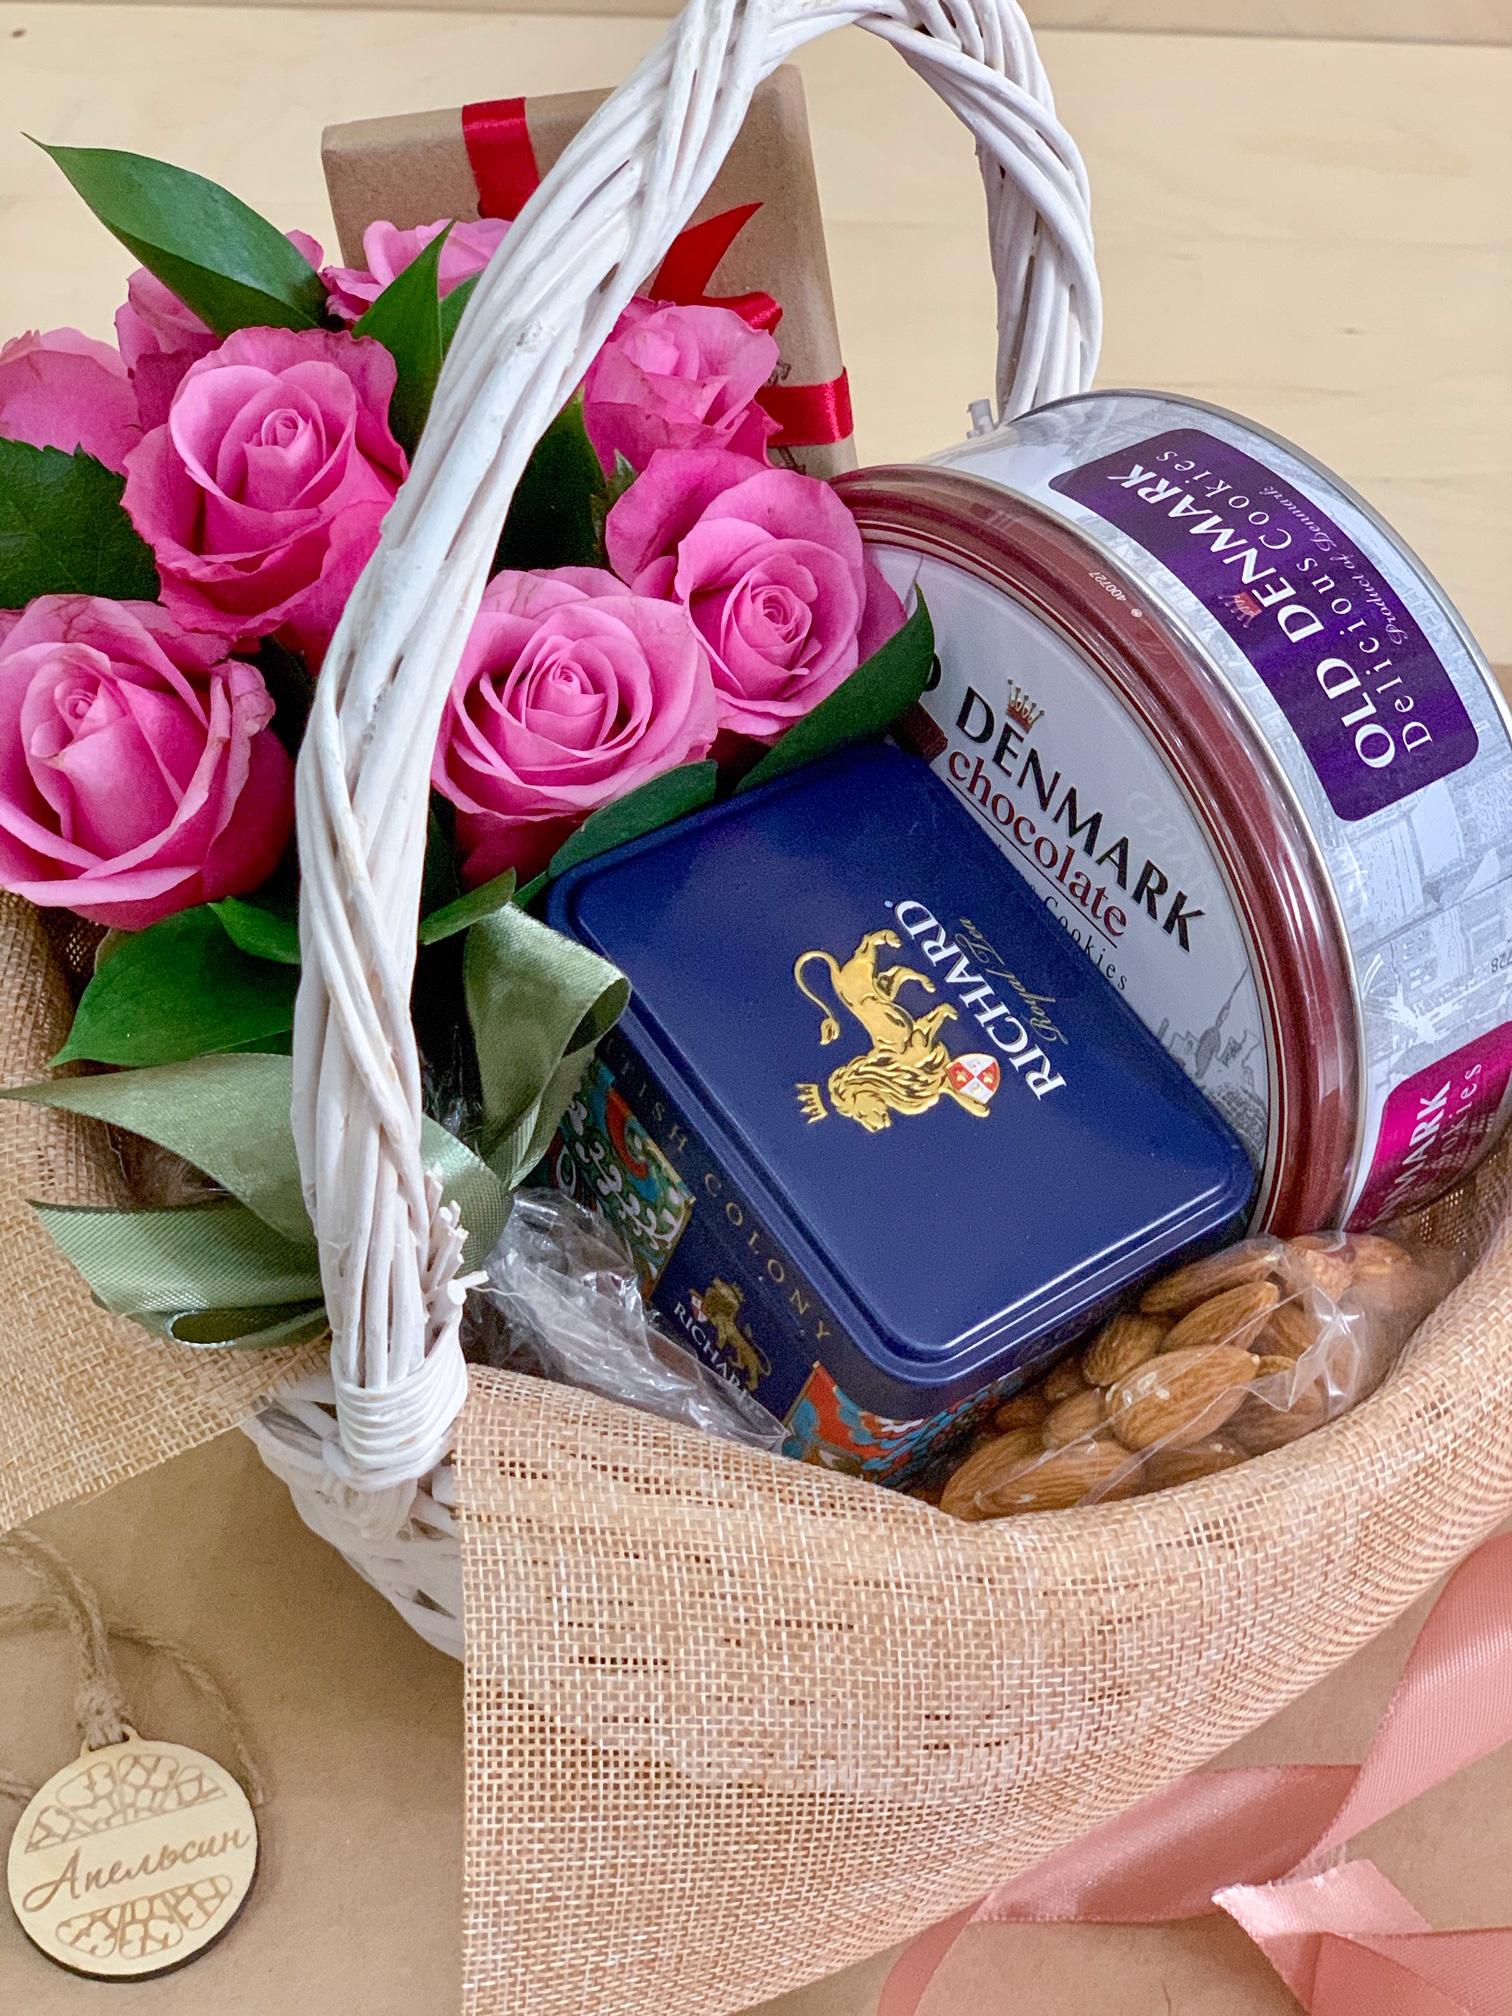 Красивая и вкусная корзинка, Артикул 0151